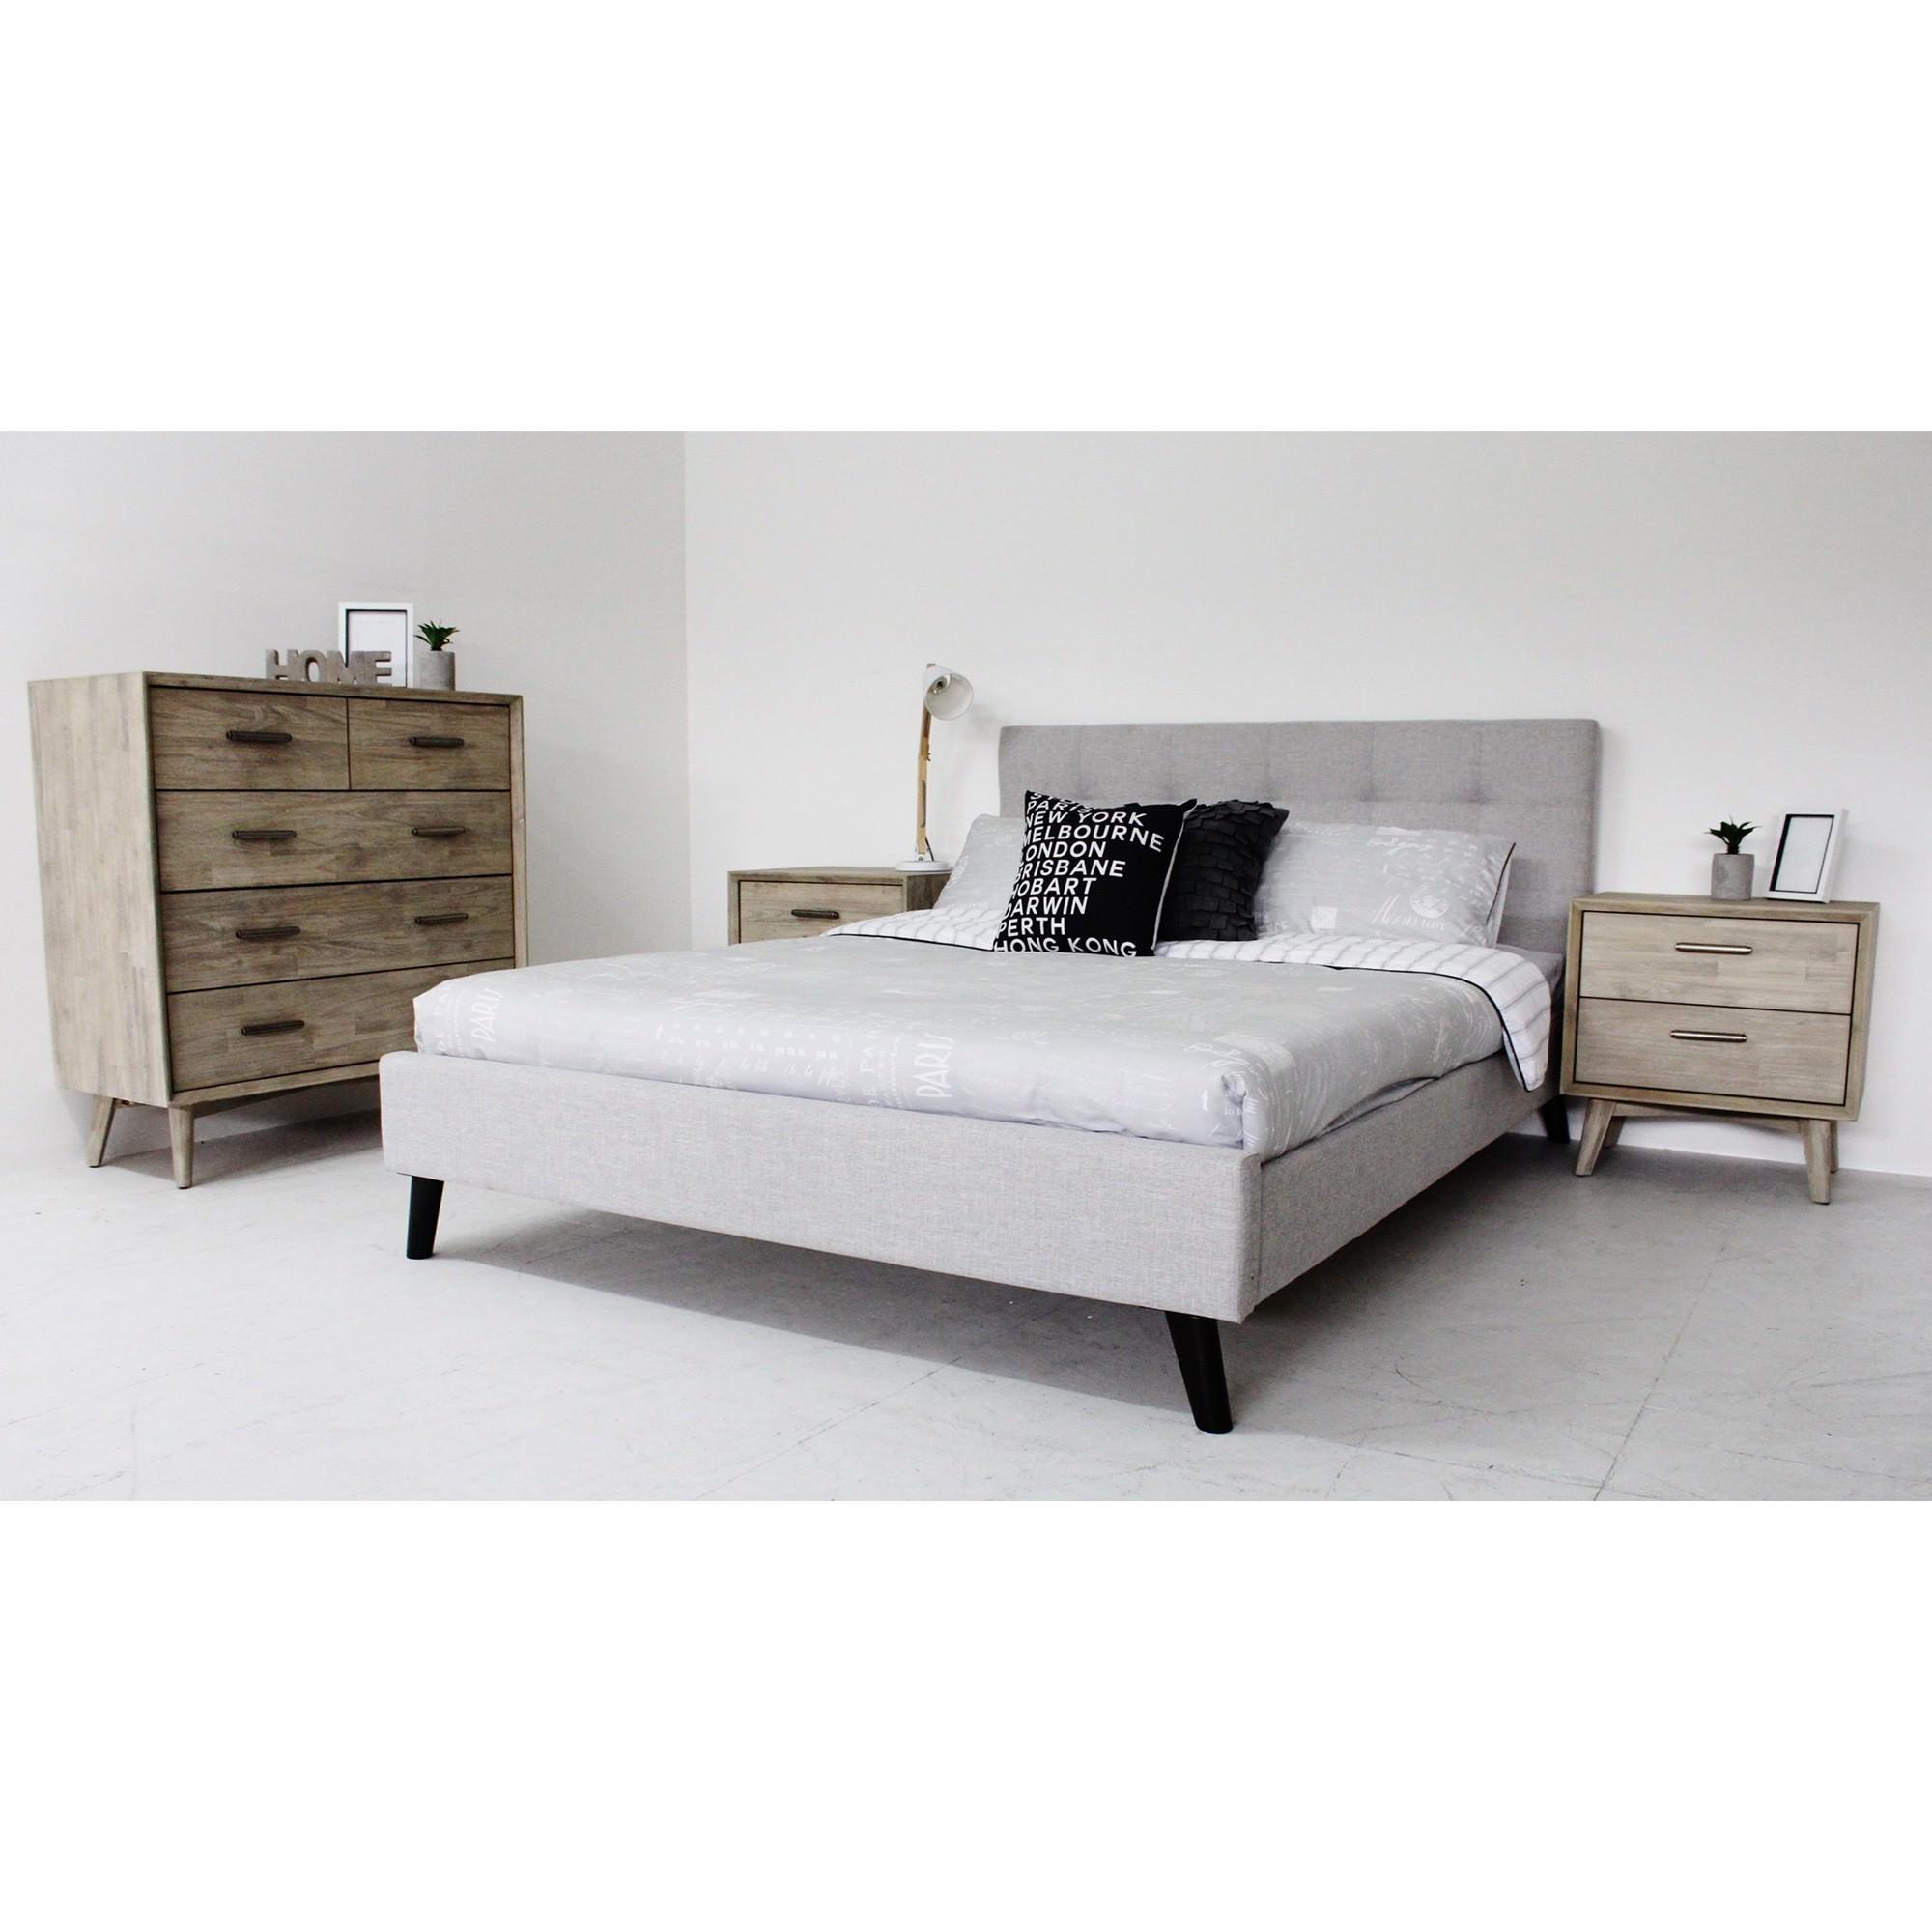 Garrison II & Cambrie 4 Piece Bedroom Tallboy Suite, Queen